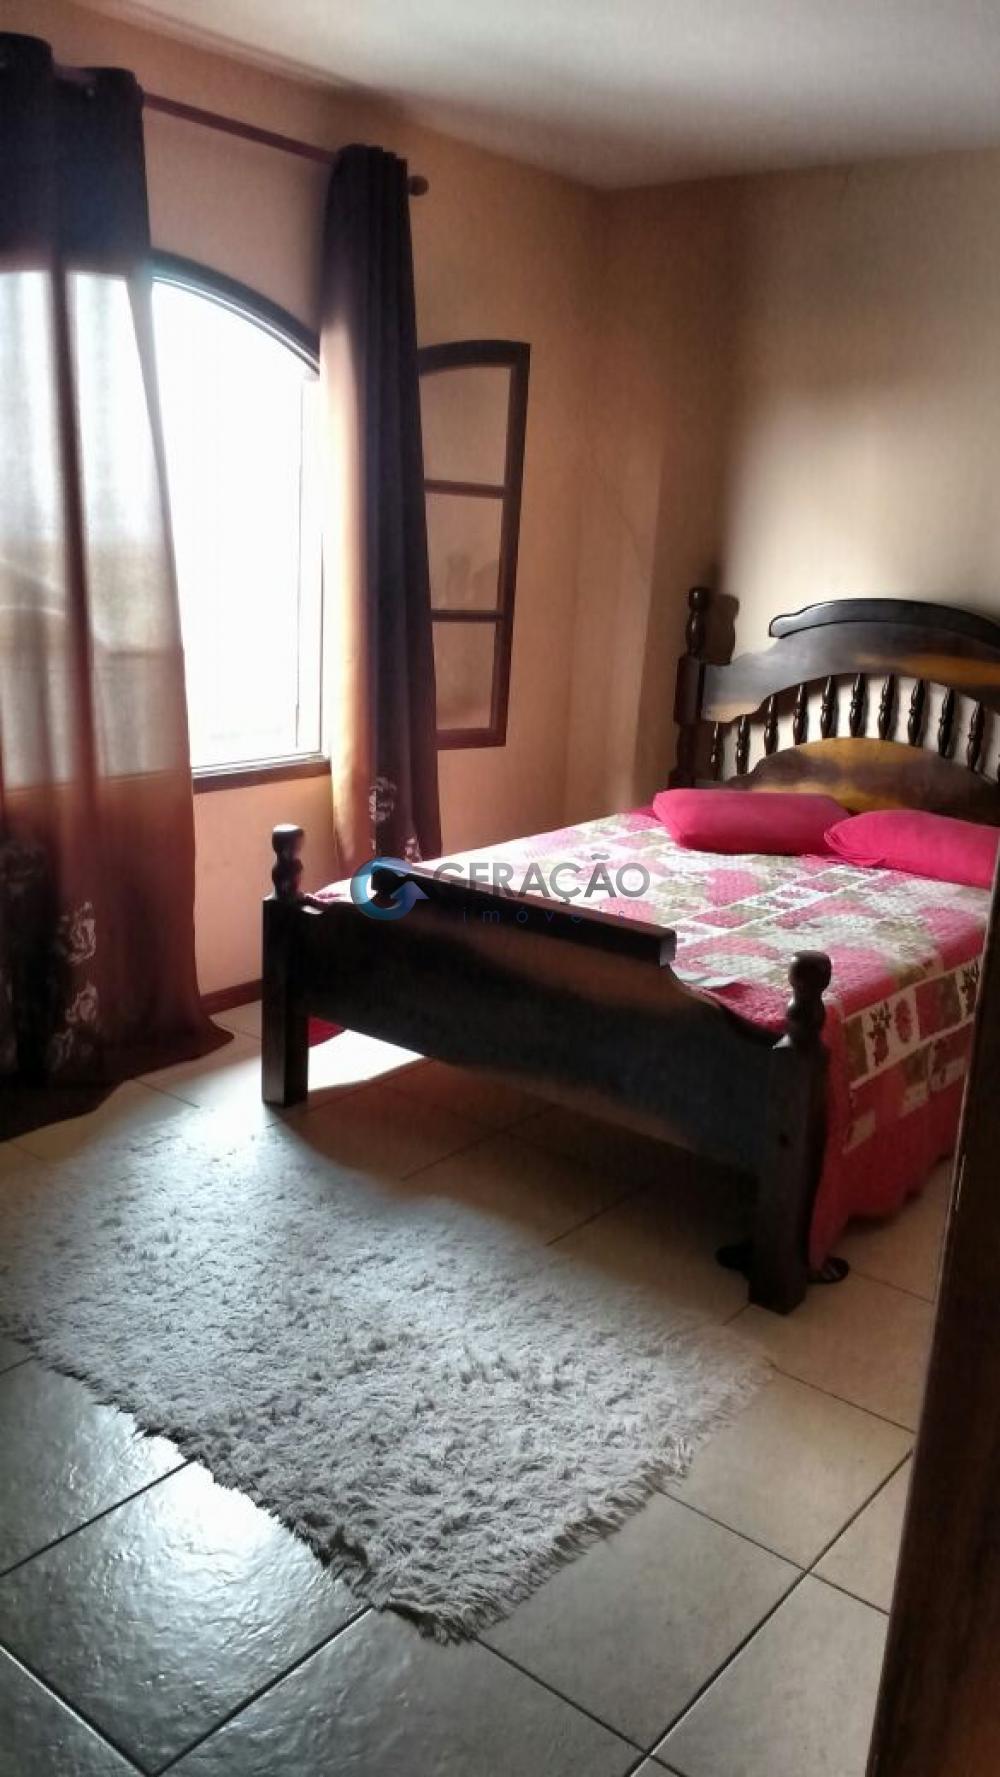 Comprar Casa / Padrão em São José dos Campos apenas R$ 550.000,00 - Foto 3